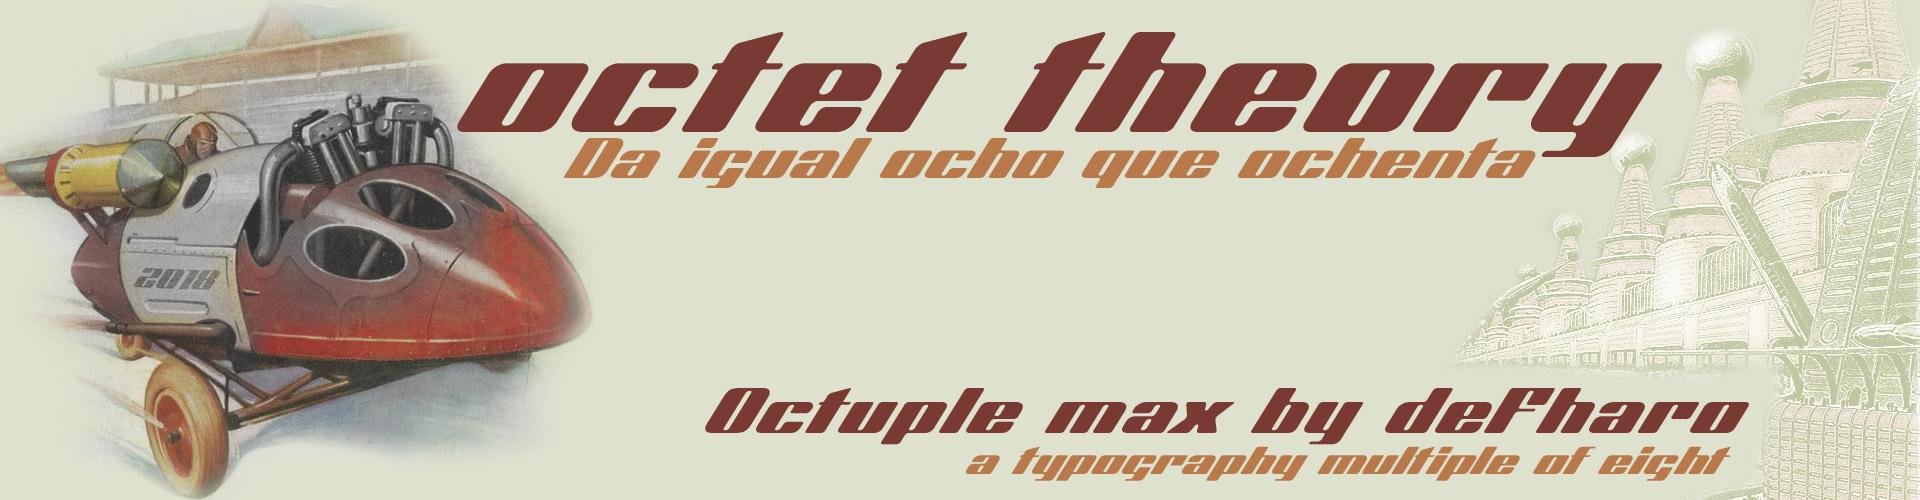 Octuple max v8 - octet theory